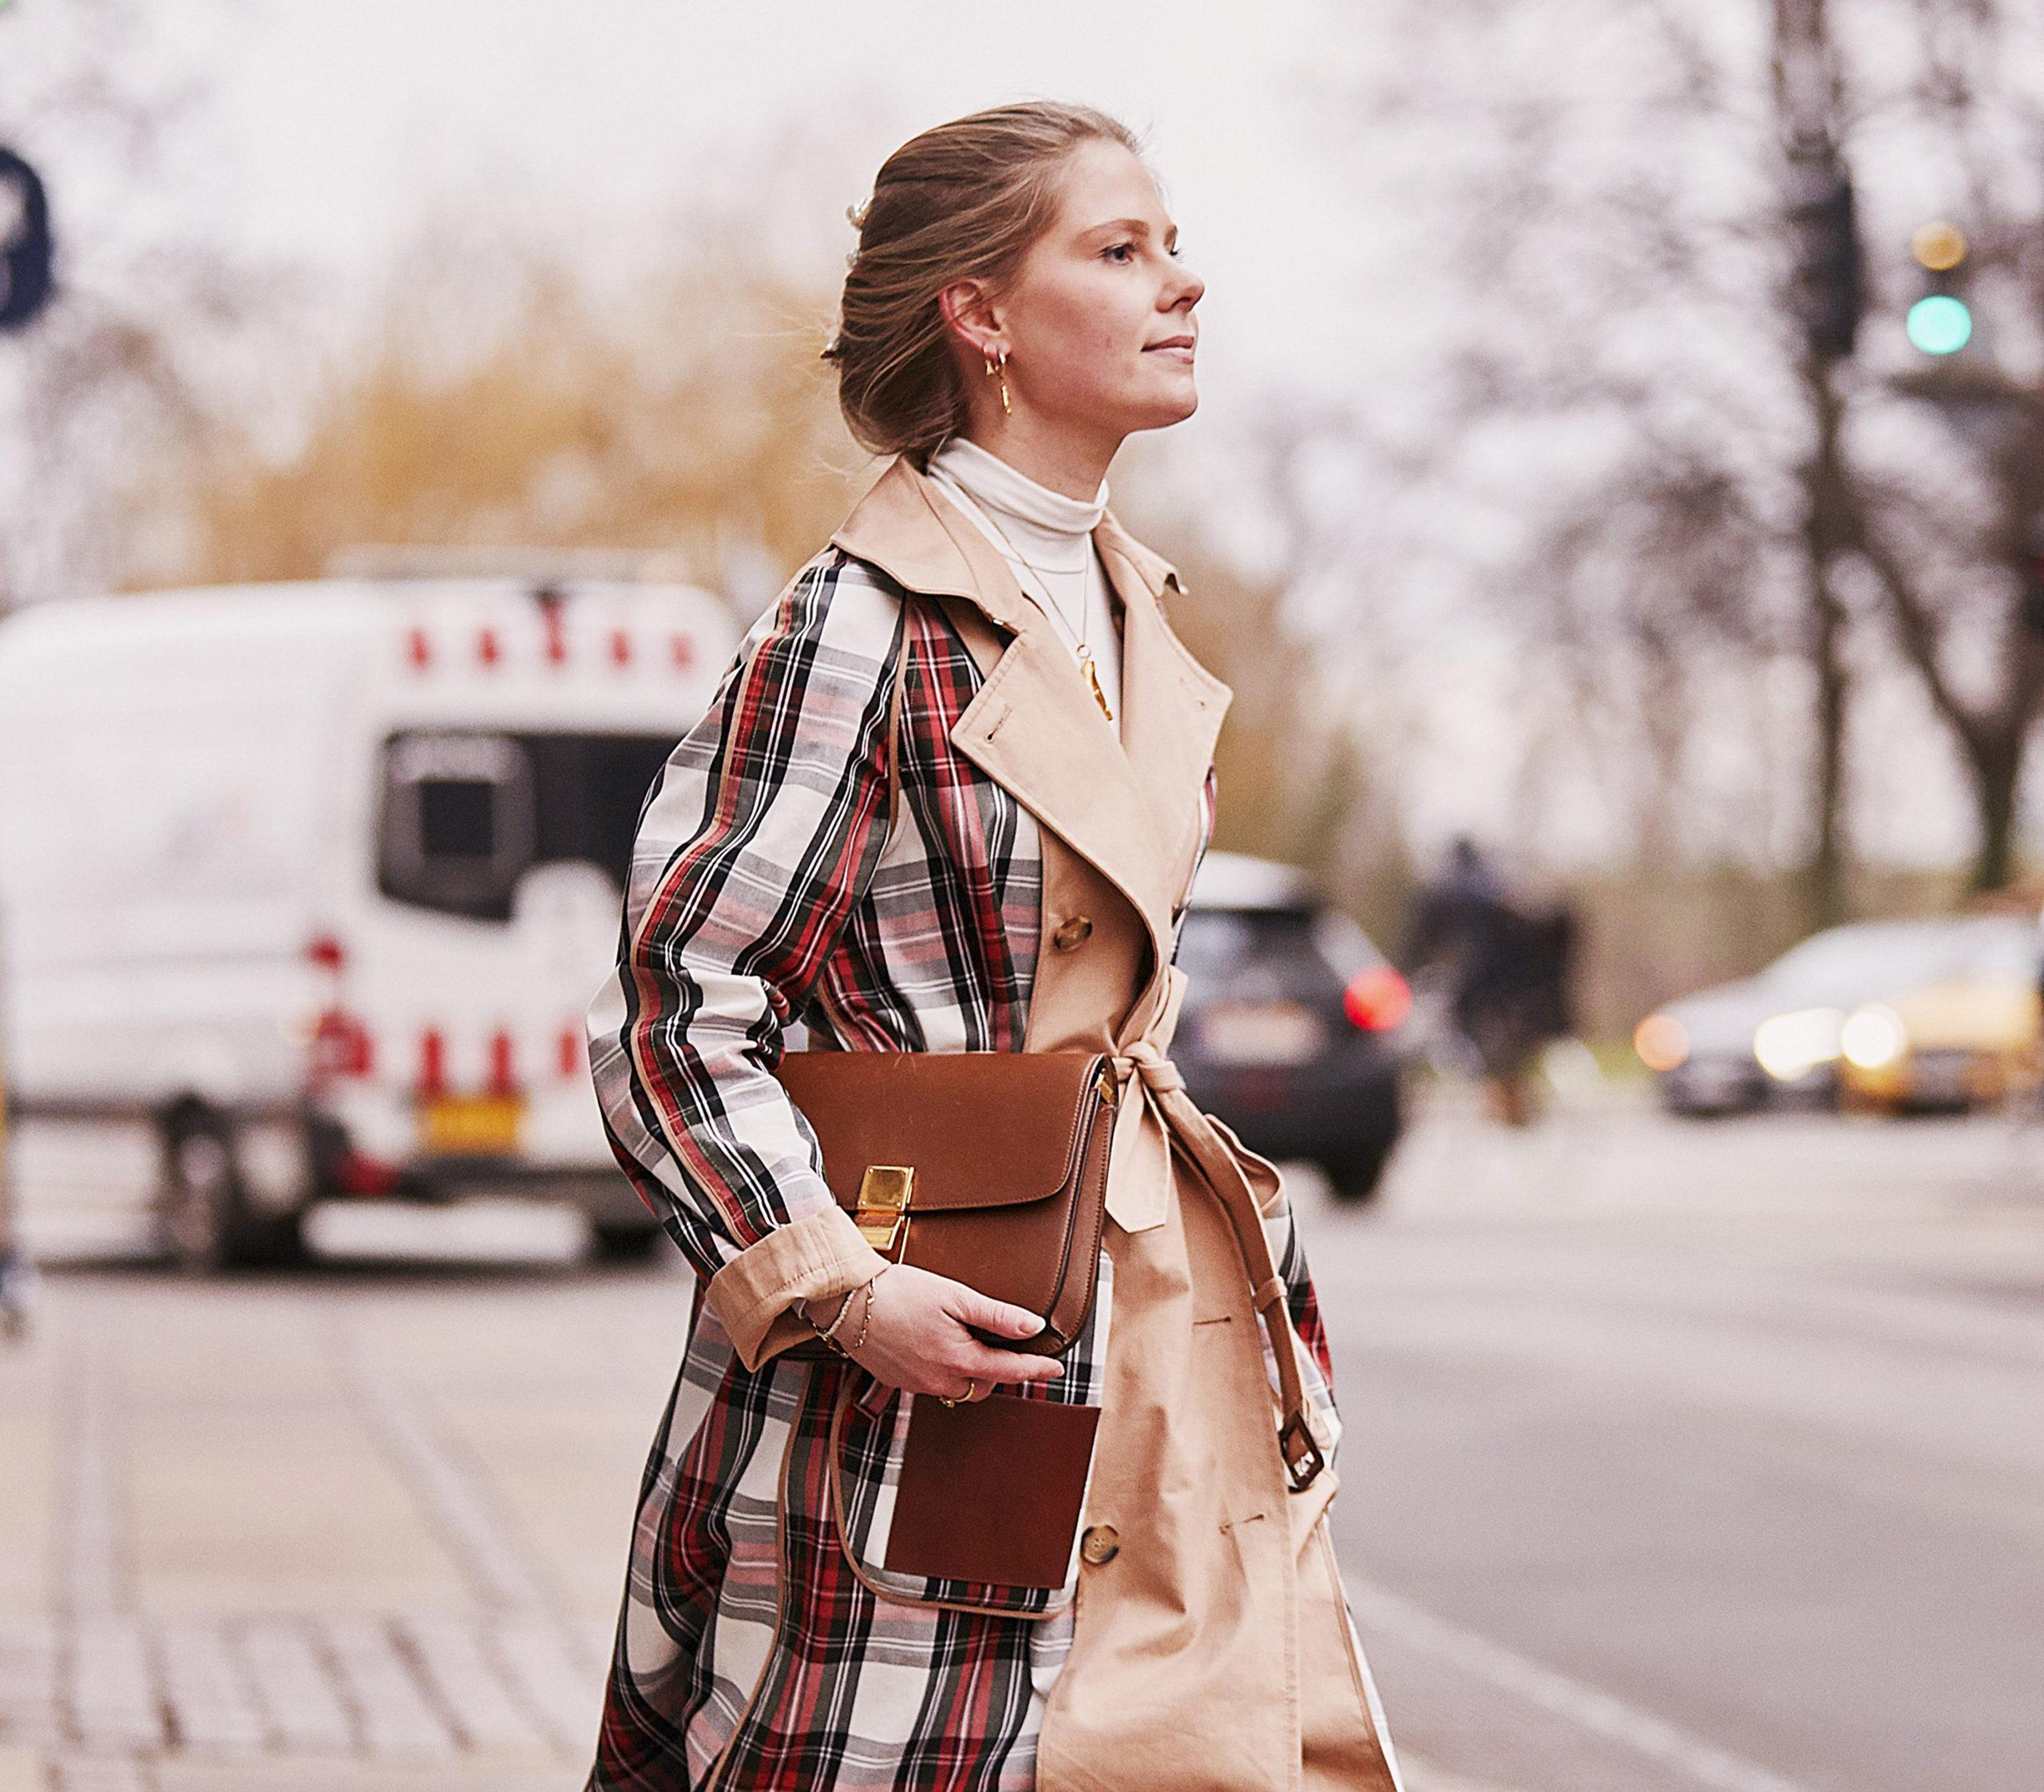 Imagen de una mujer caminado por la calle vestida con un abrigo de cuadros